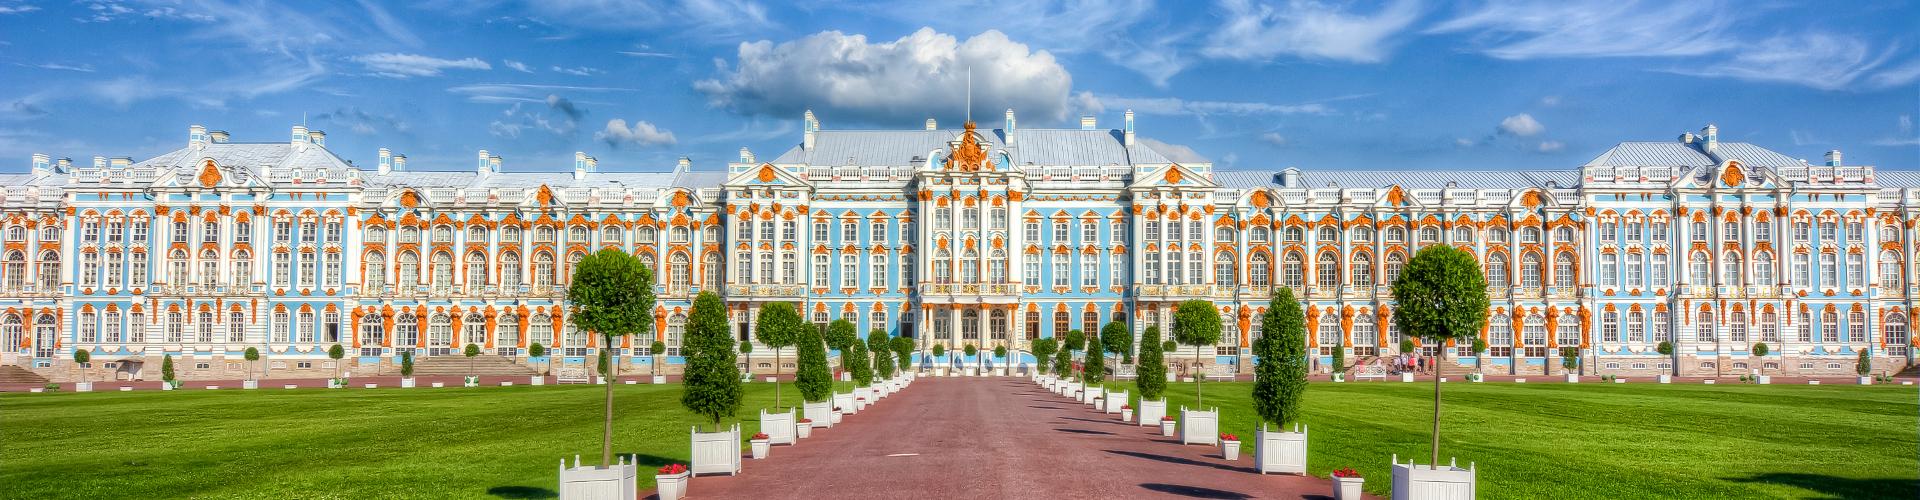 Новости Санкт-Петербурга. Главное - здесь